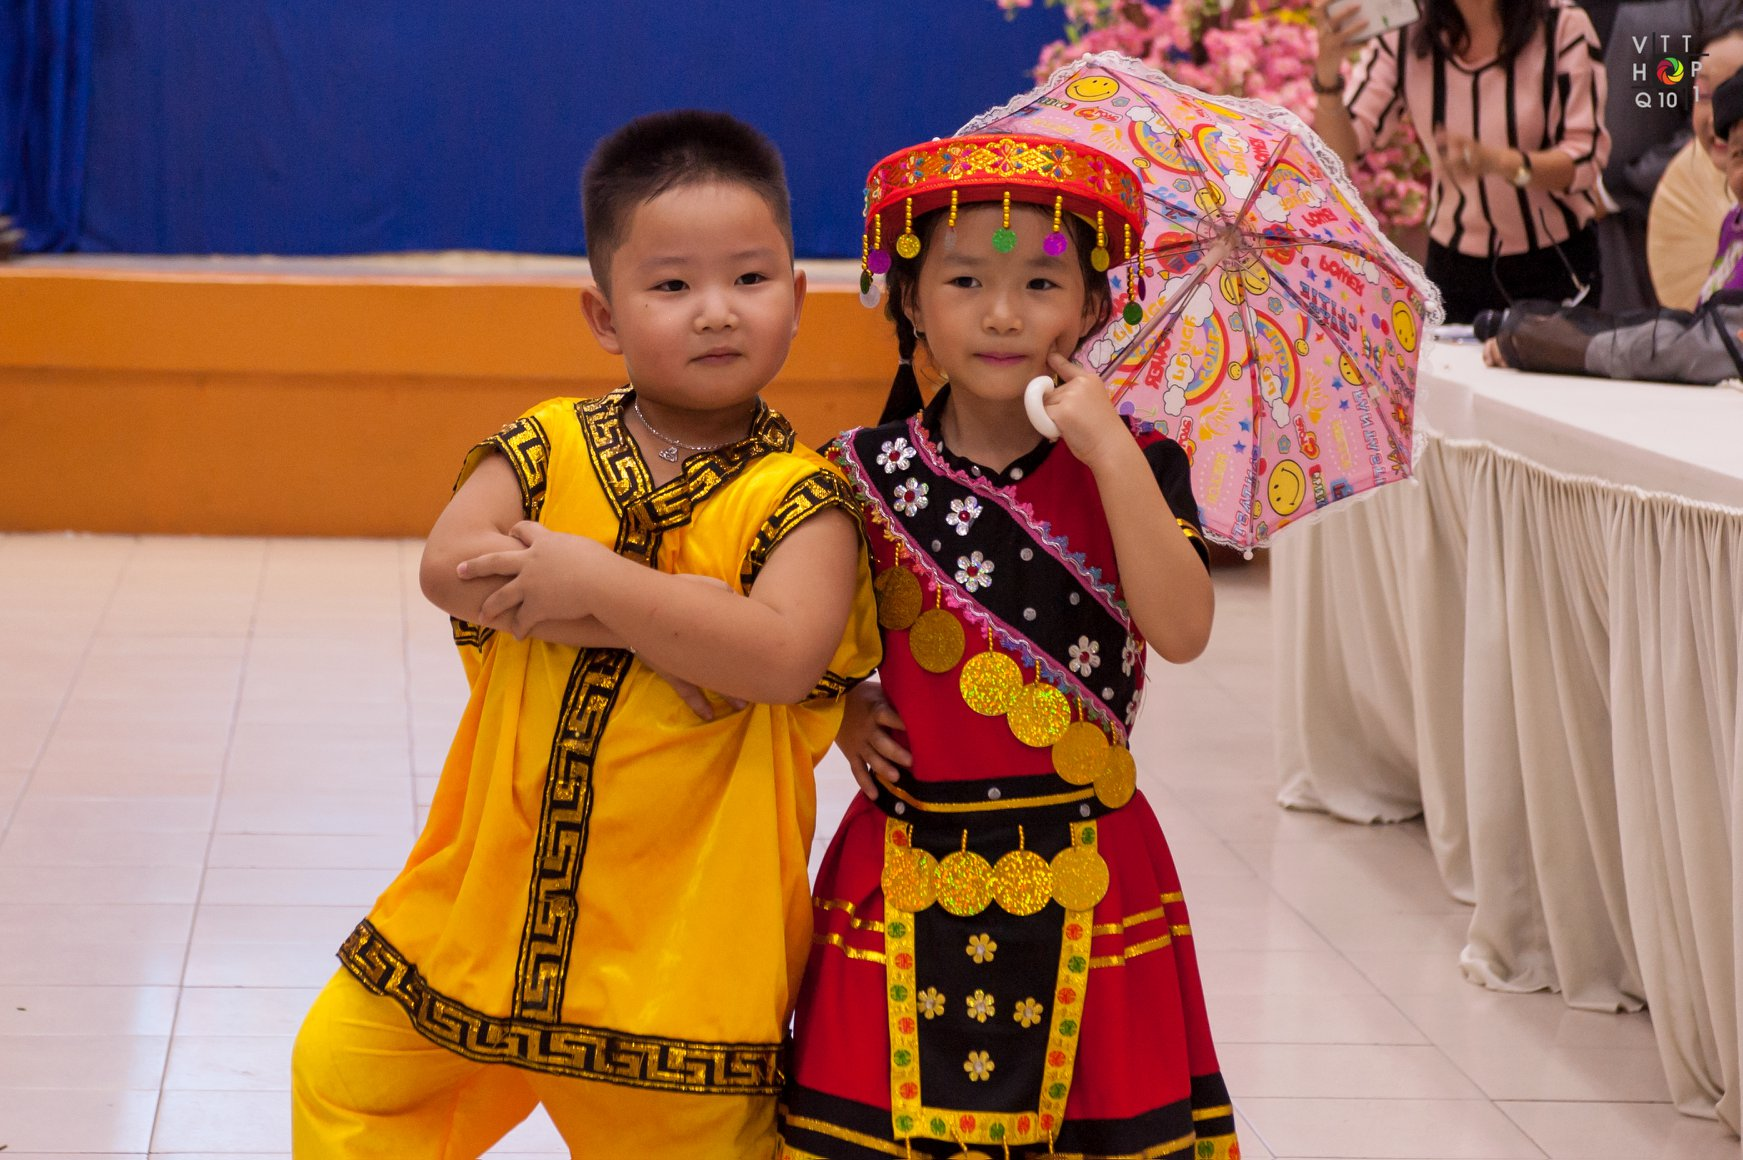 Phường 1 - Liên hoan sắc màu văn hóa Việt Nam